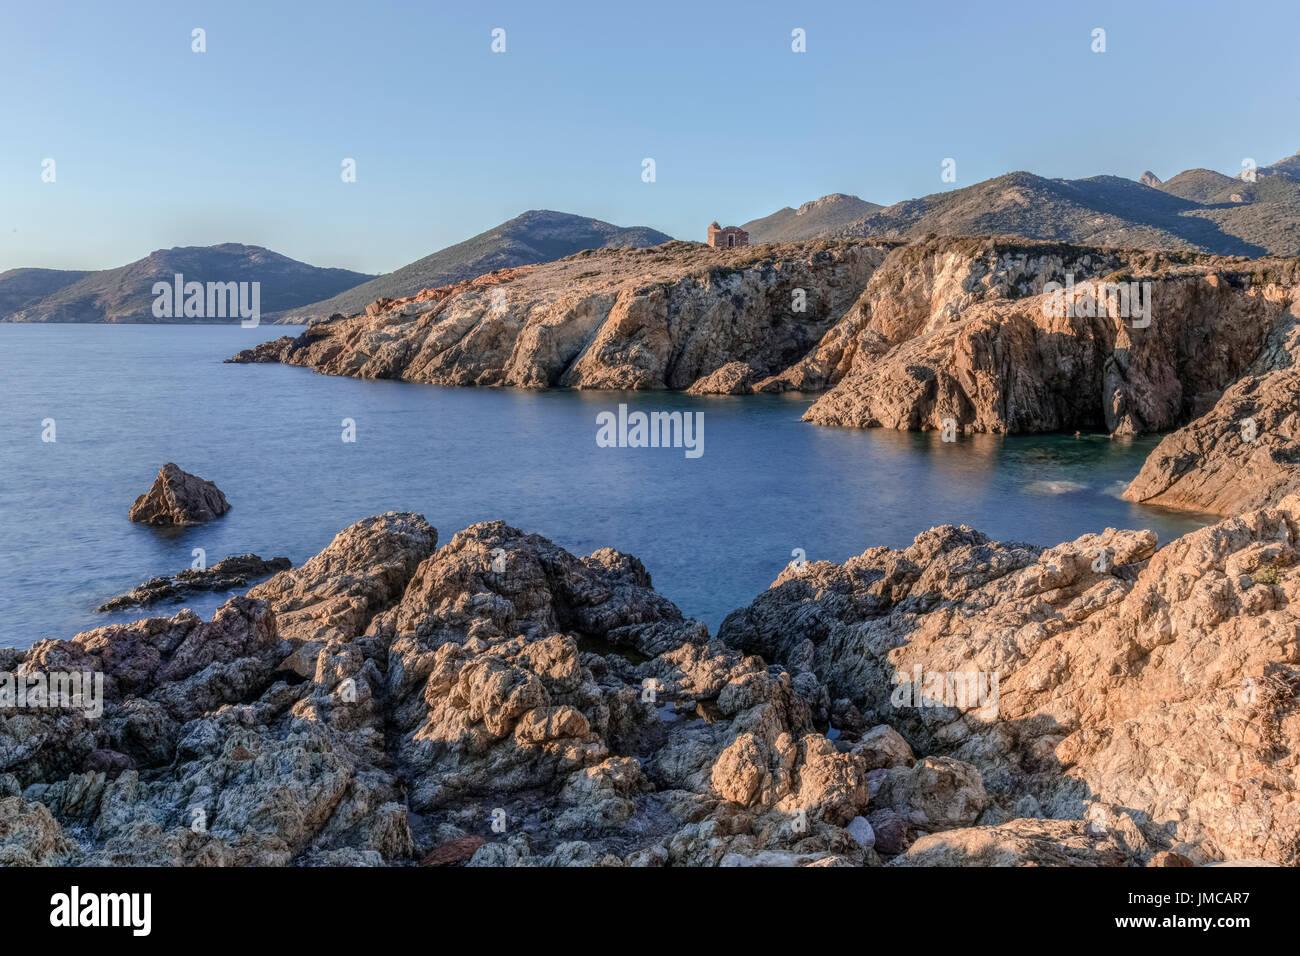 Galeria, Haute-Corse, Corsica, France - Stock Image